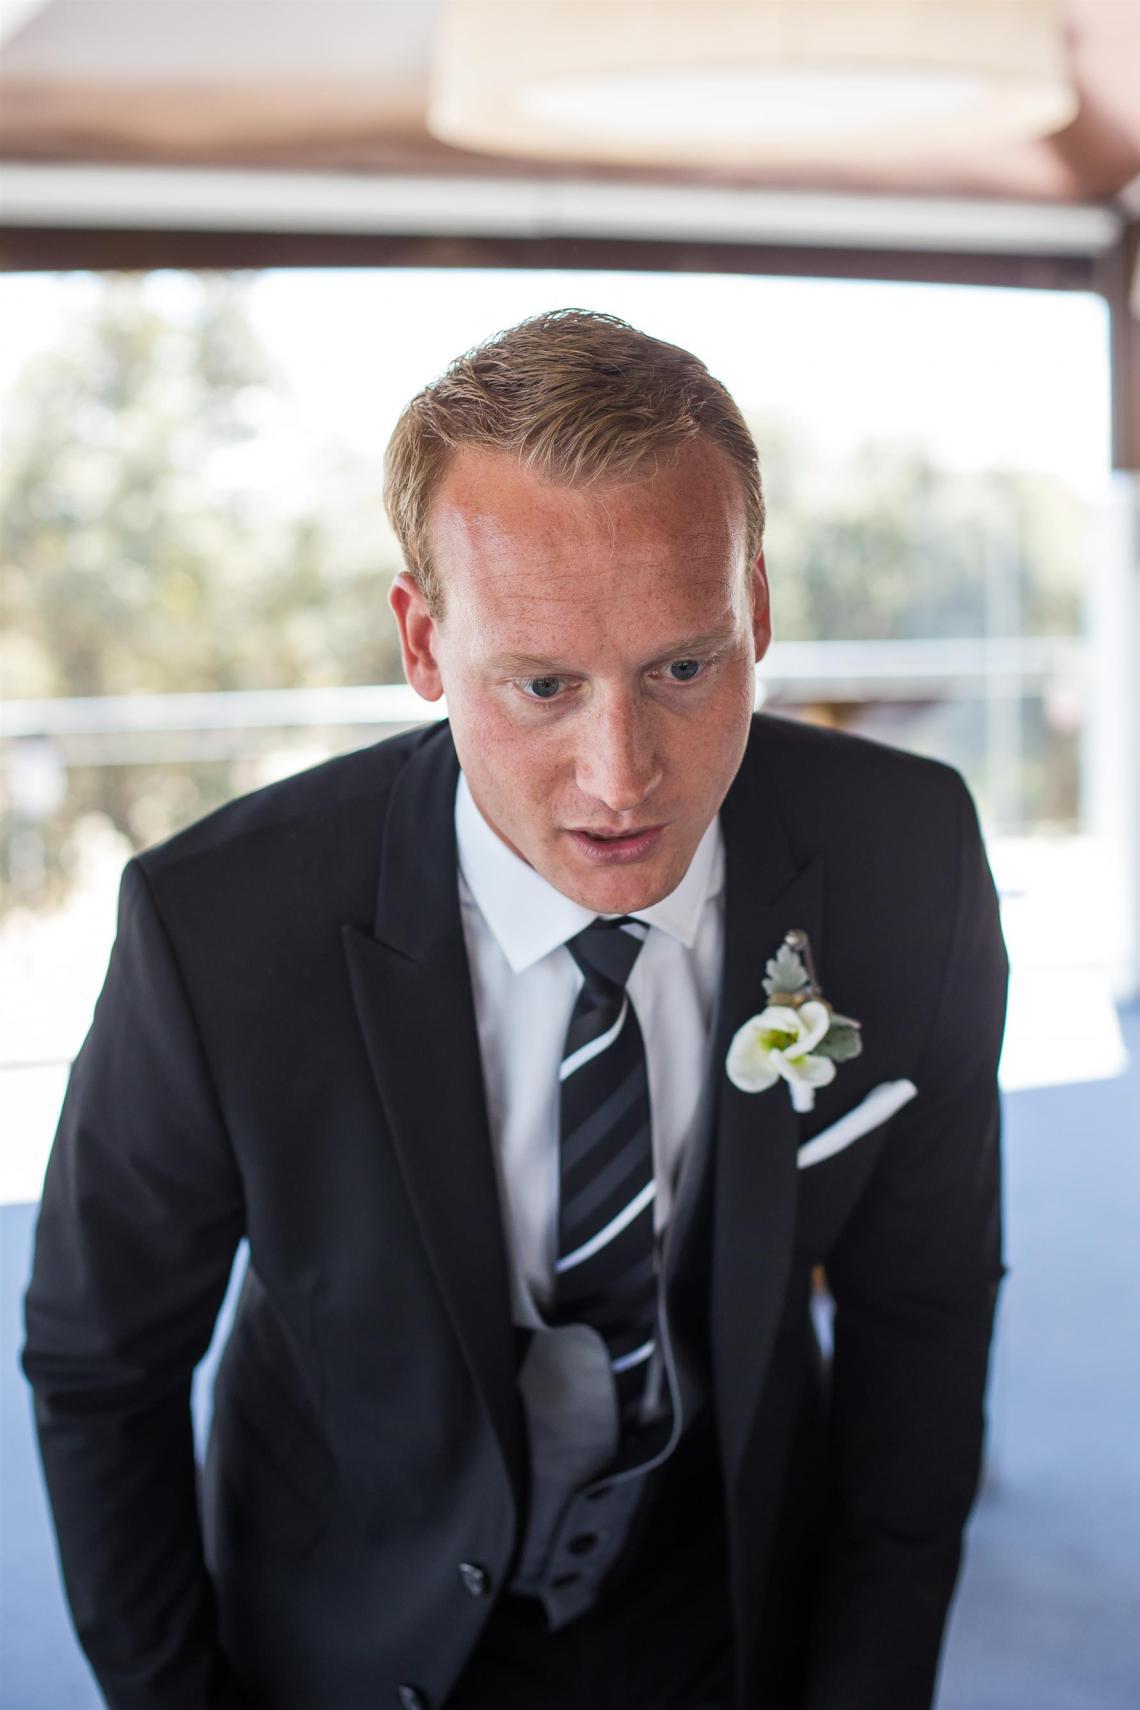 boda-espanola-sueca-ella-se-viste-de-blanco (19)